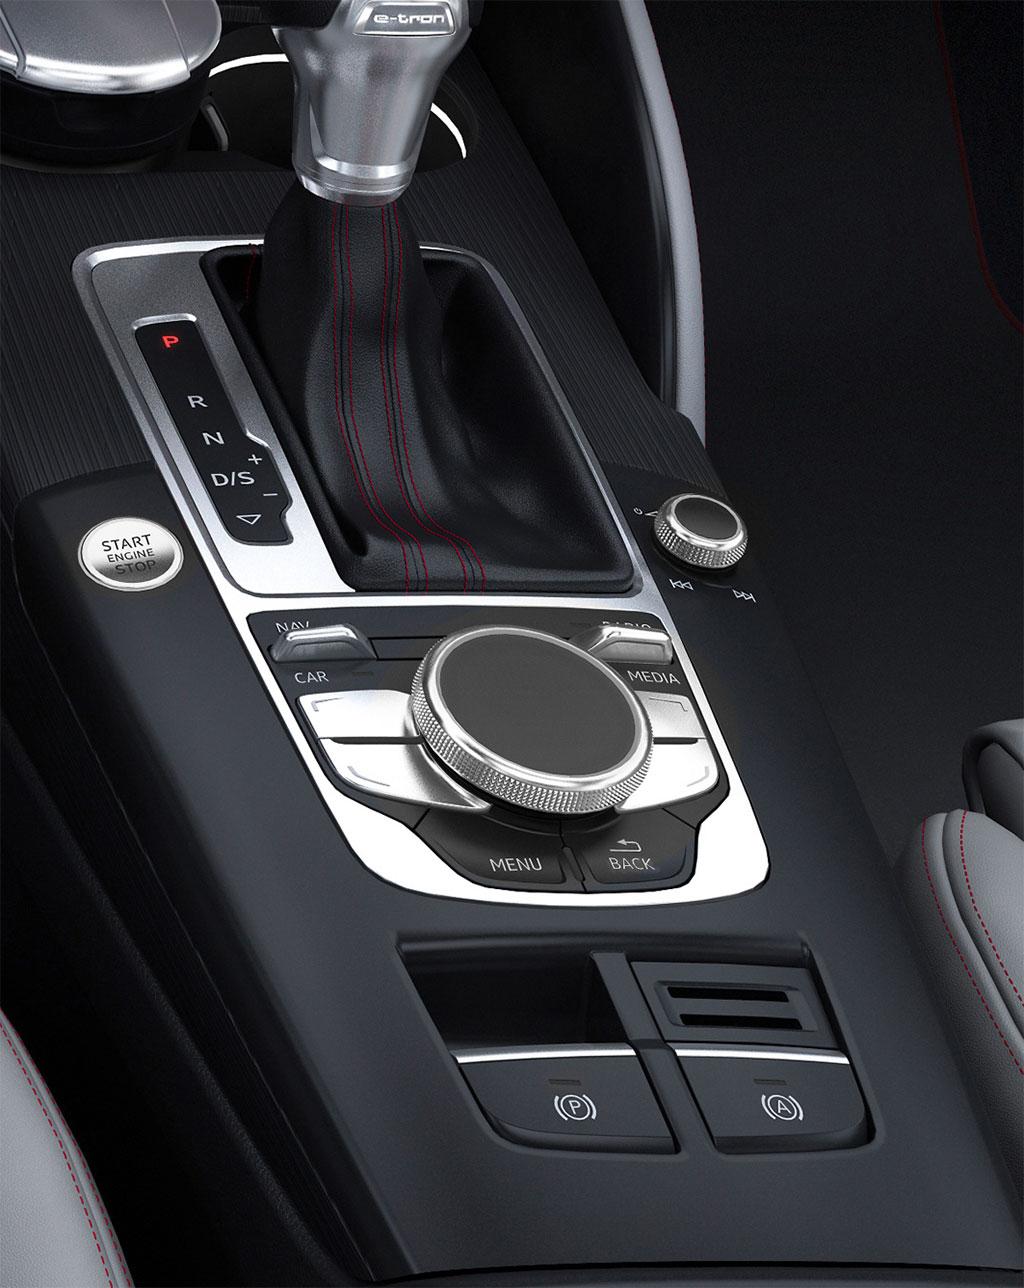 2014-Audi-A3-e-tron-16.jpg